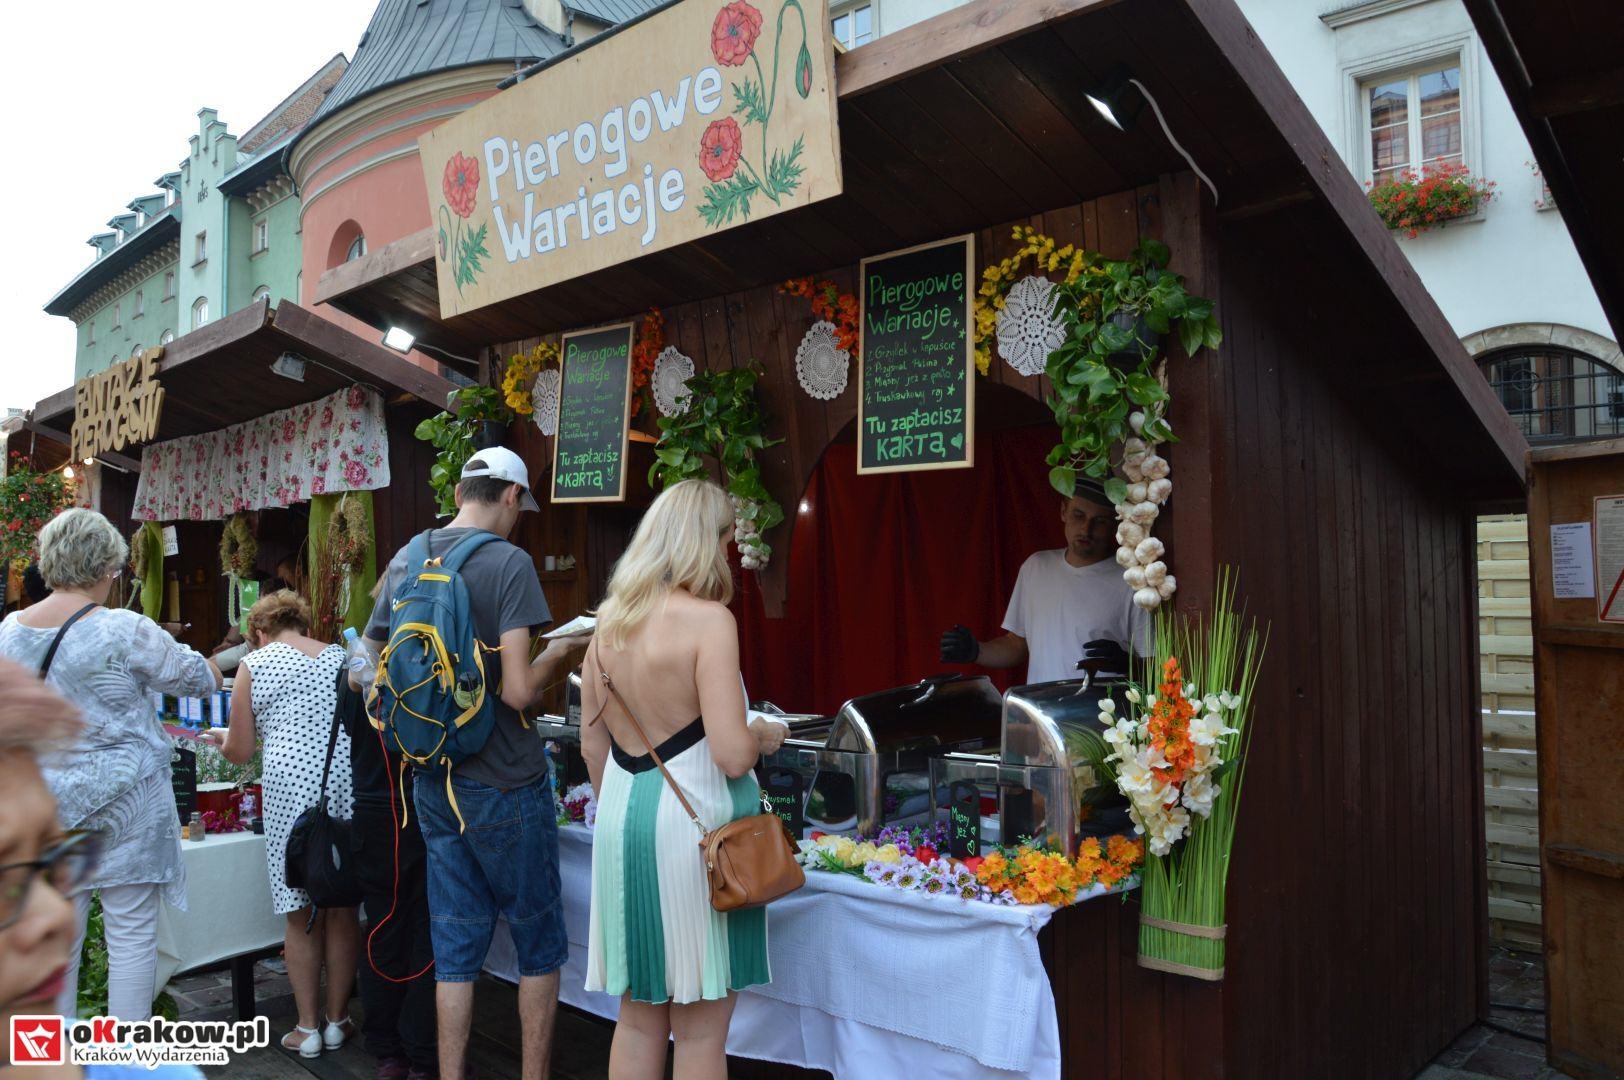 krakow festiwal pierogow maly rynek koncert cheap tobacco 30 150x150 - Galeria zdjęć Festiwal Pierogów Kraków 2018 + zdjęcia z koncertu Cheap Tobacco